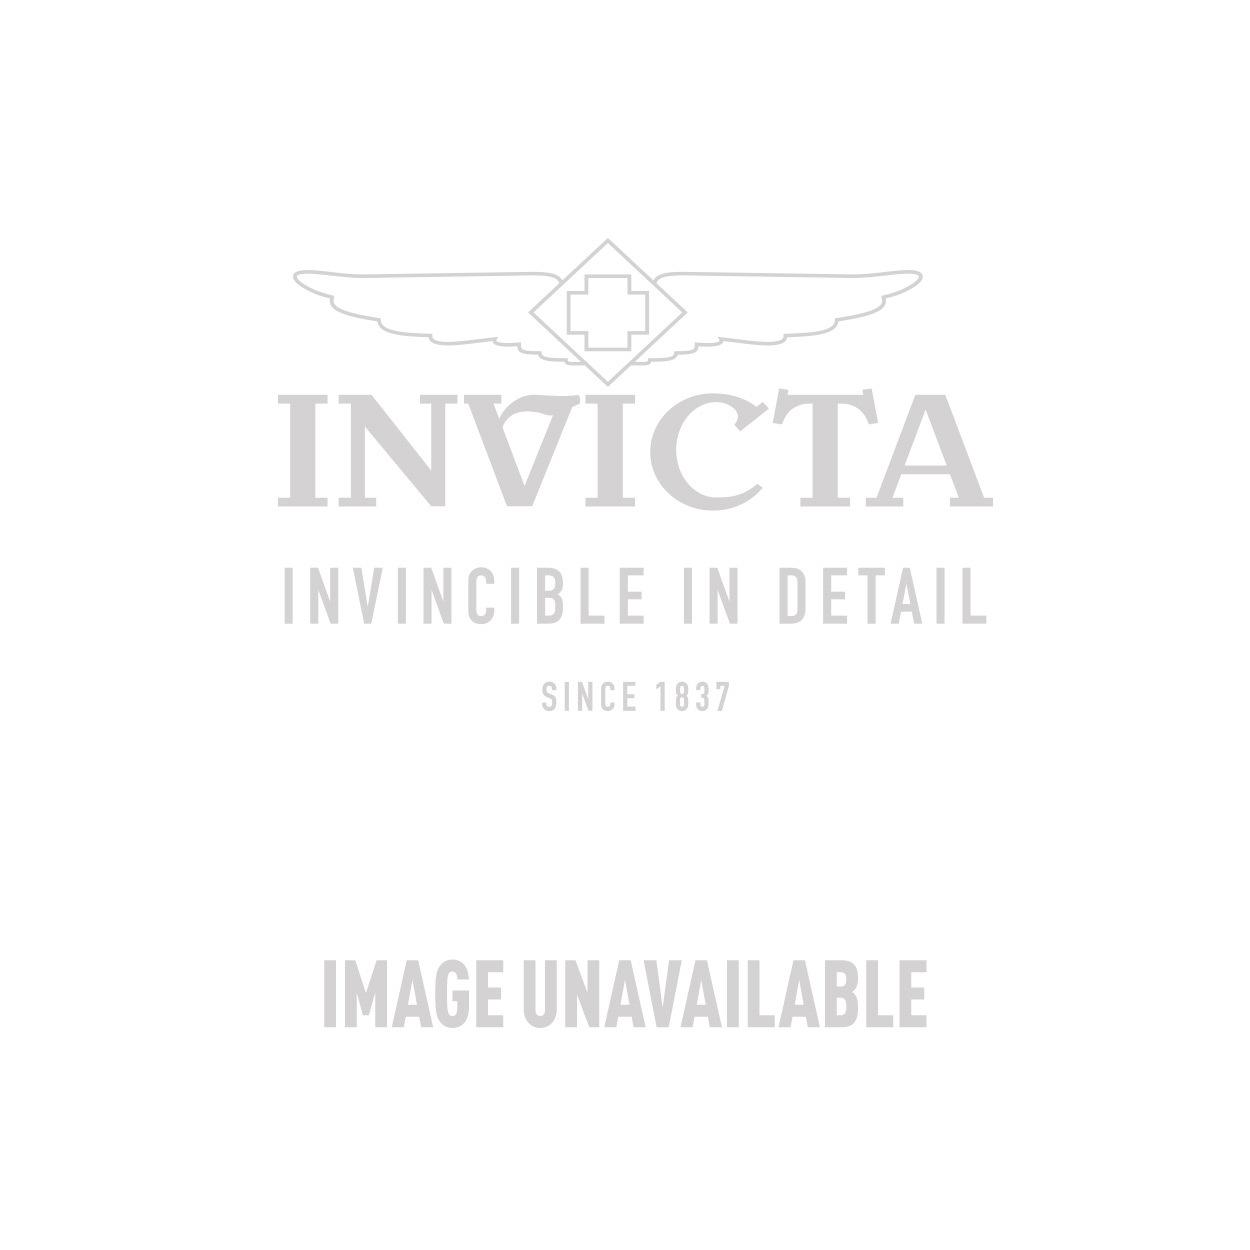 Invicta Model 27134